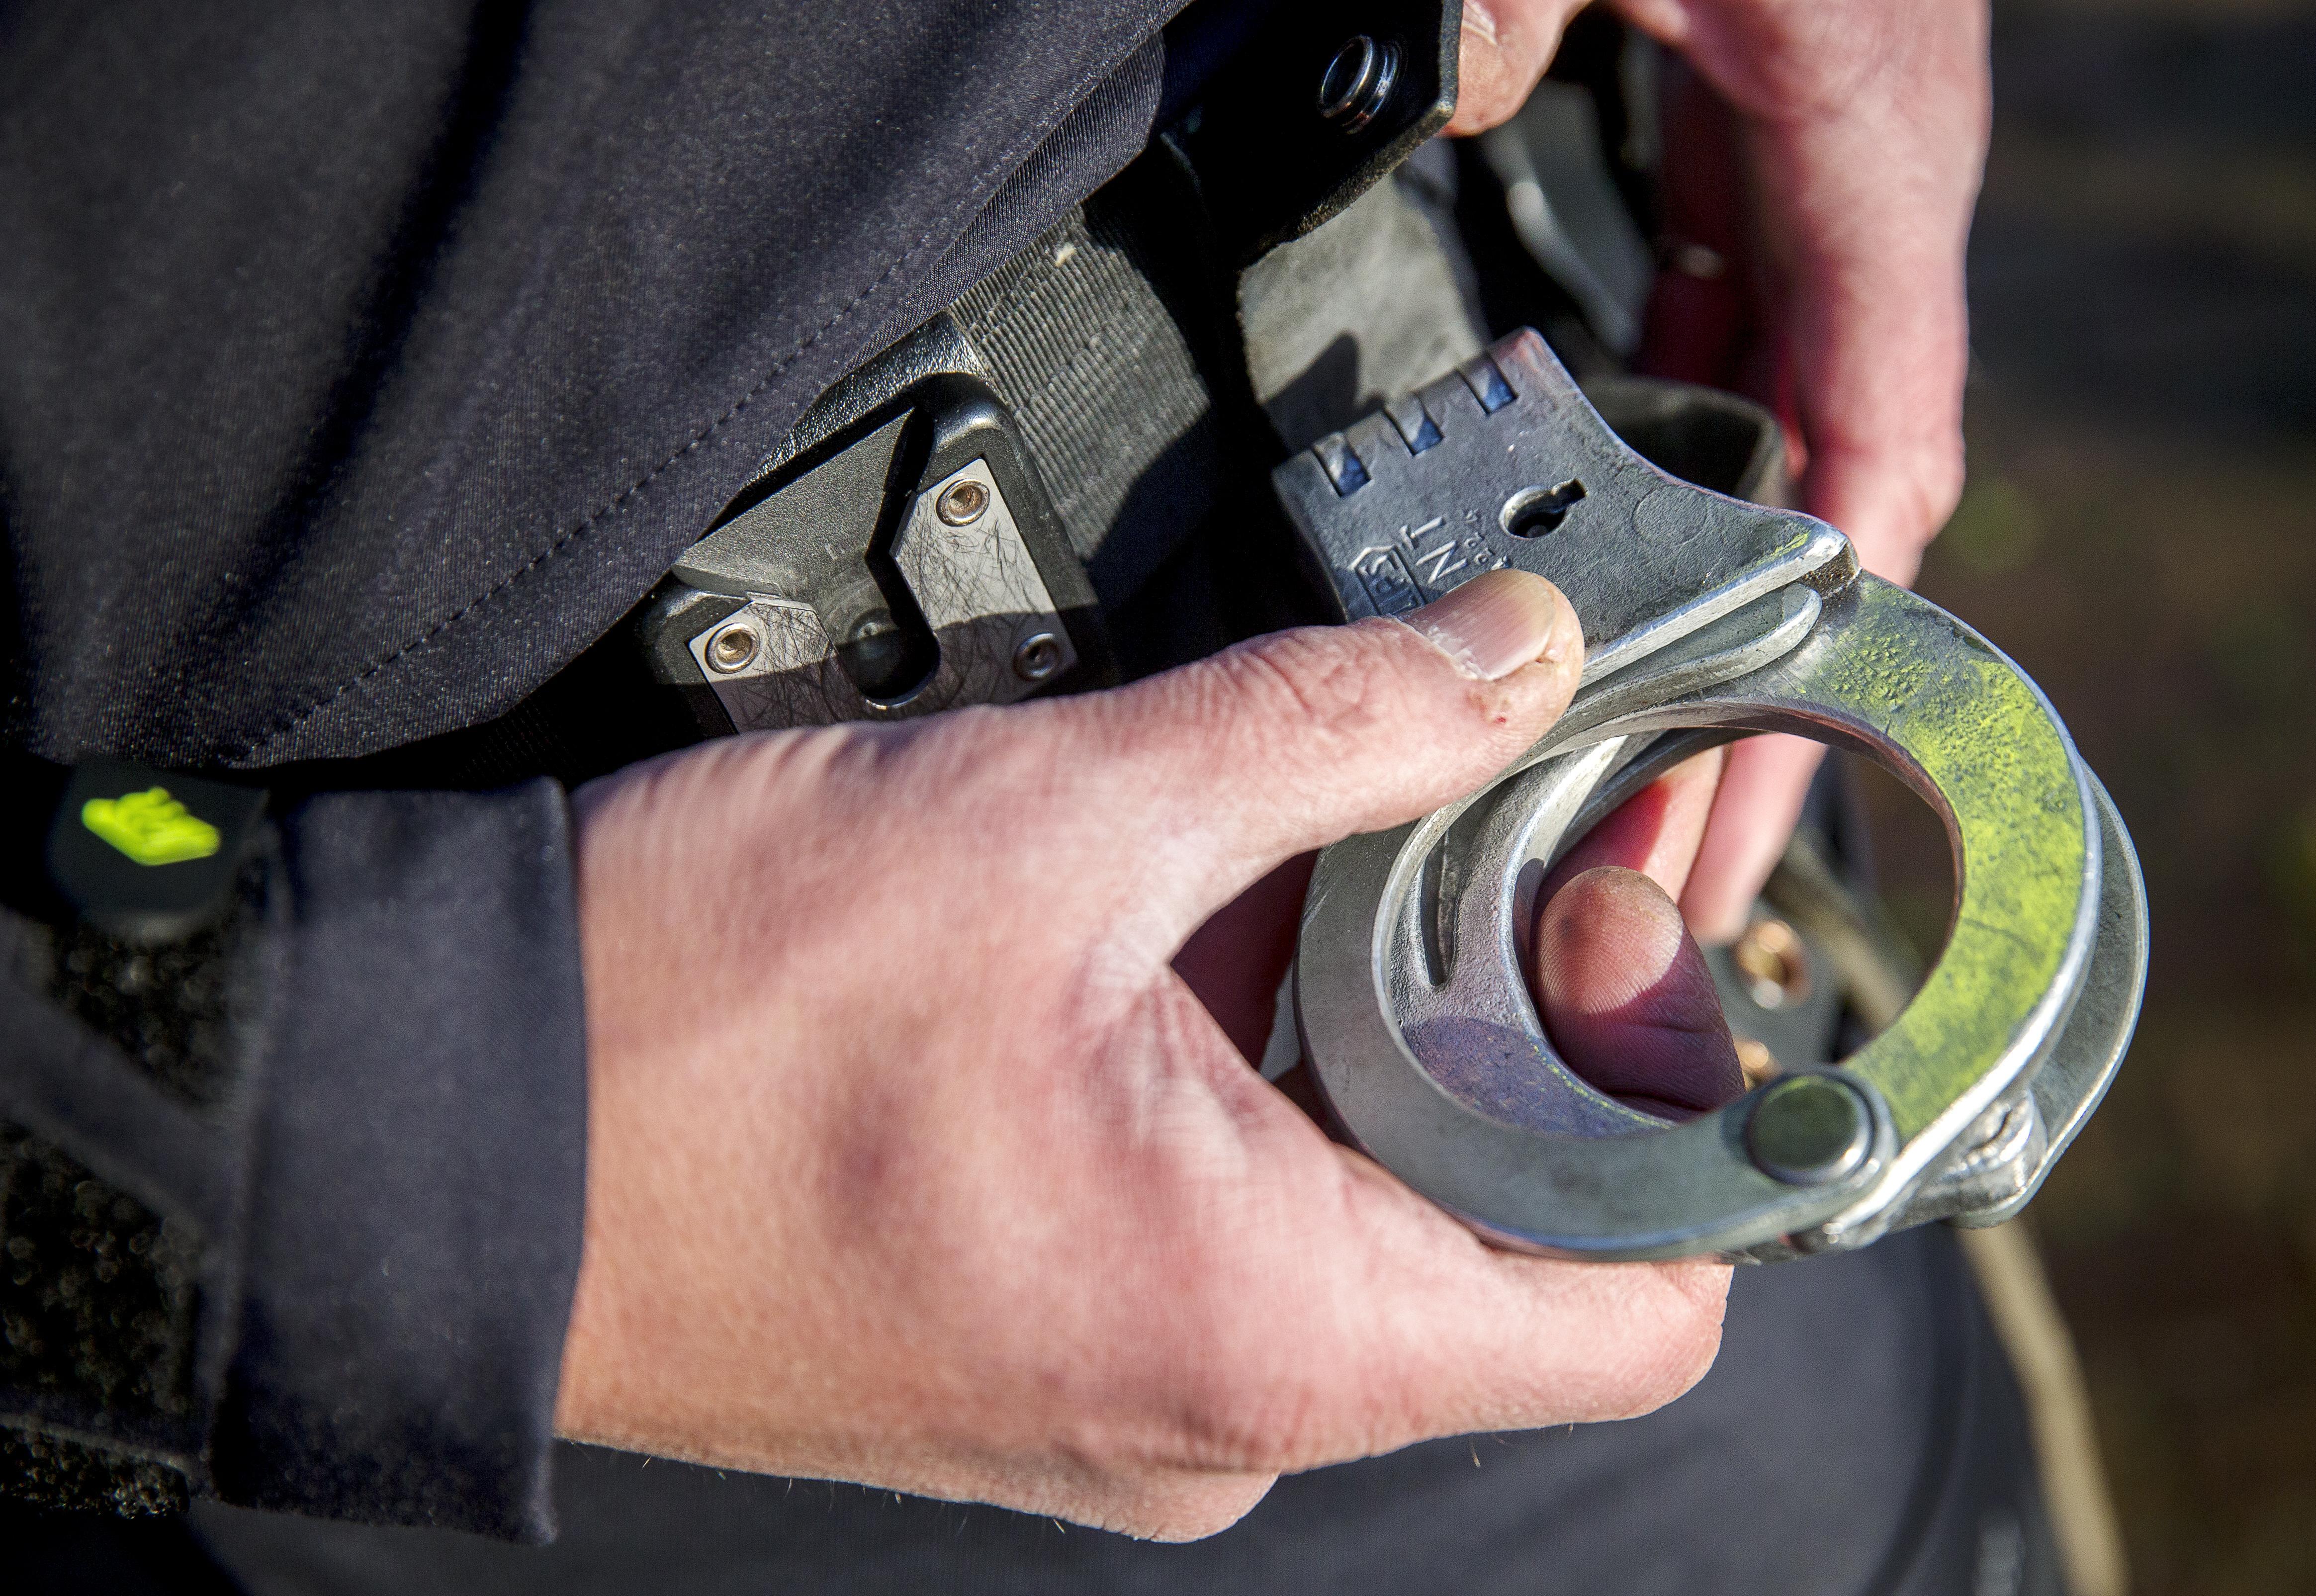 Twee mannen uit Middenbeemster en Krommenie aangehouden voor groot aantal inbraken in Noord-Holland